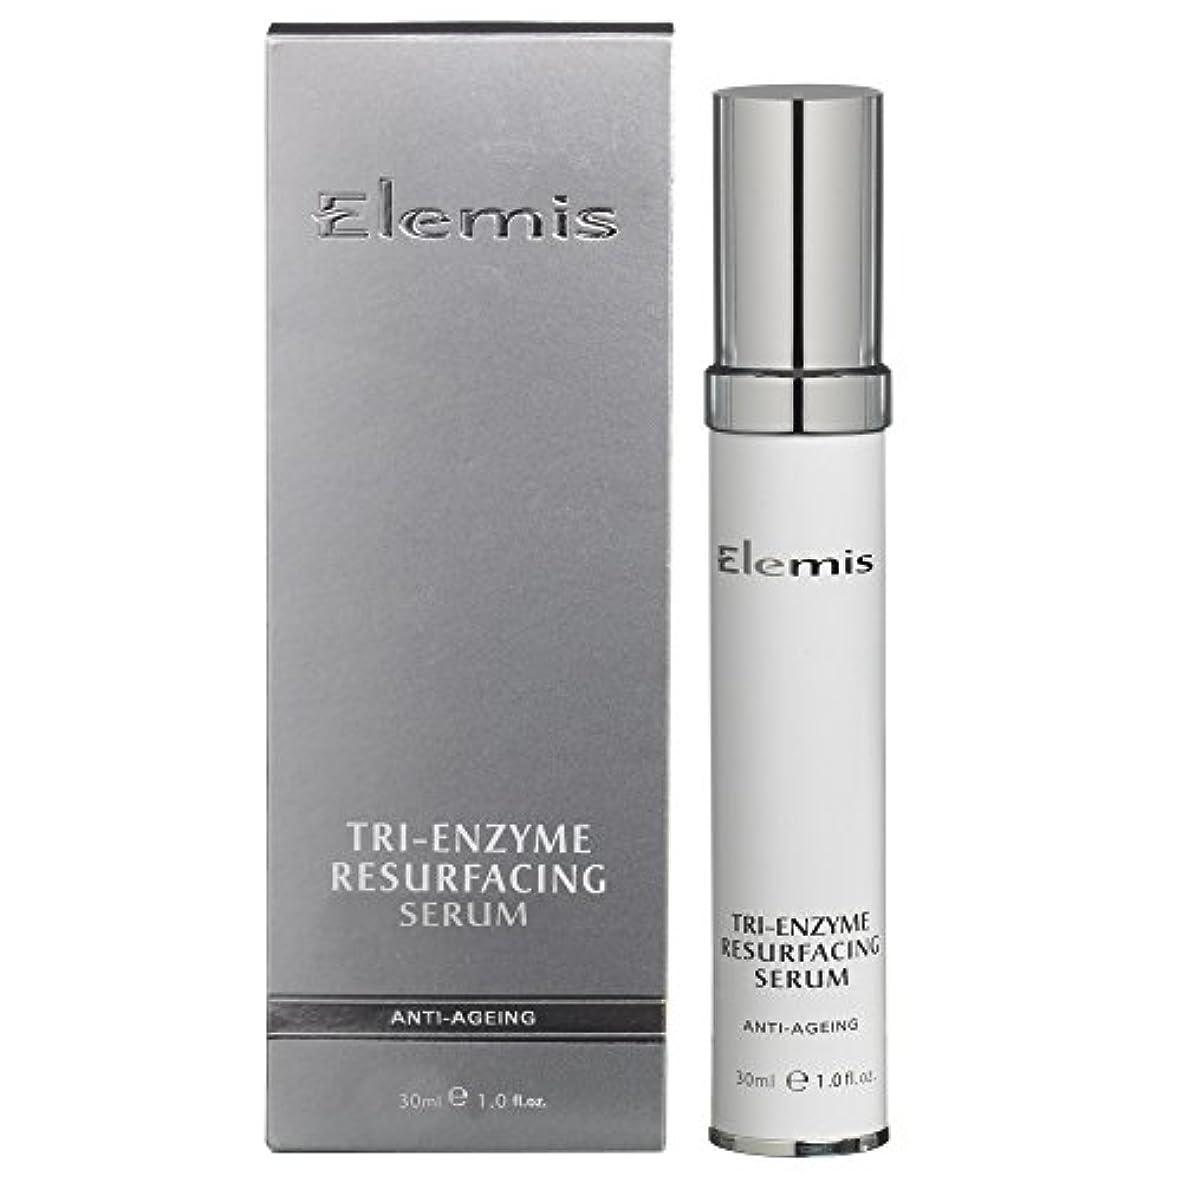 脱臼する販売計画見出しエレミストライ酵素リサーフェシング血清 (Elemis) - Elemis Tri-Enzyme Resurfacing Serum [並行輸入品]